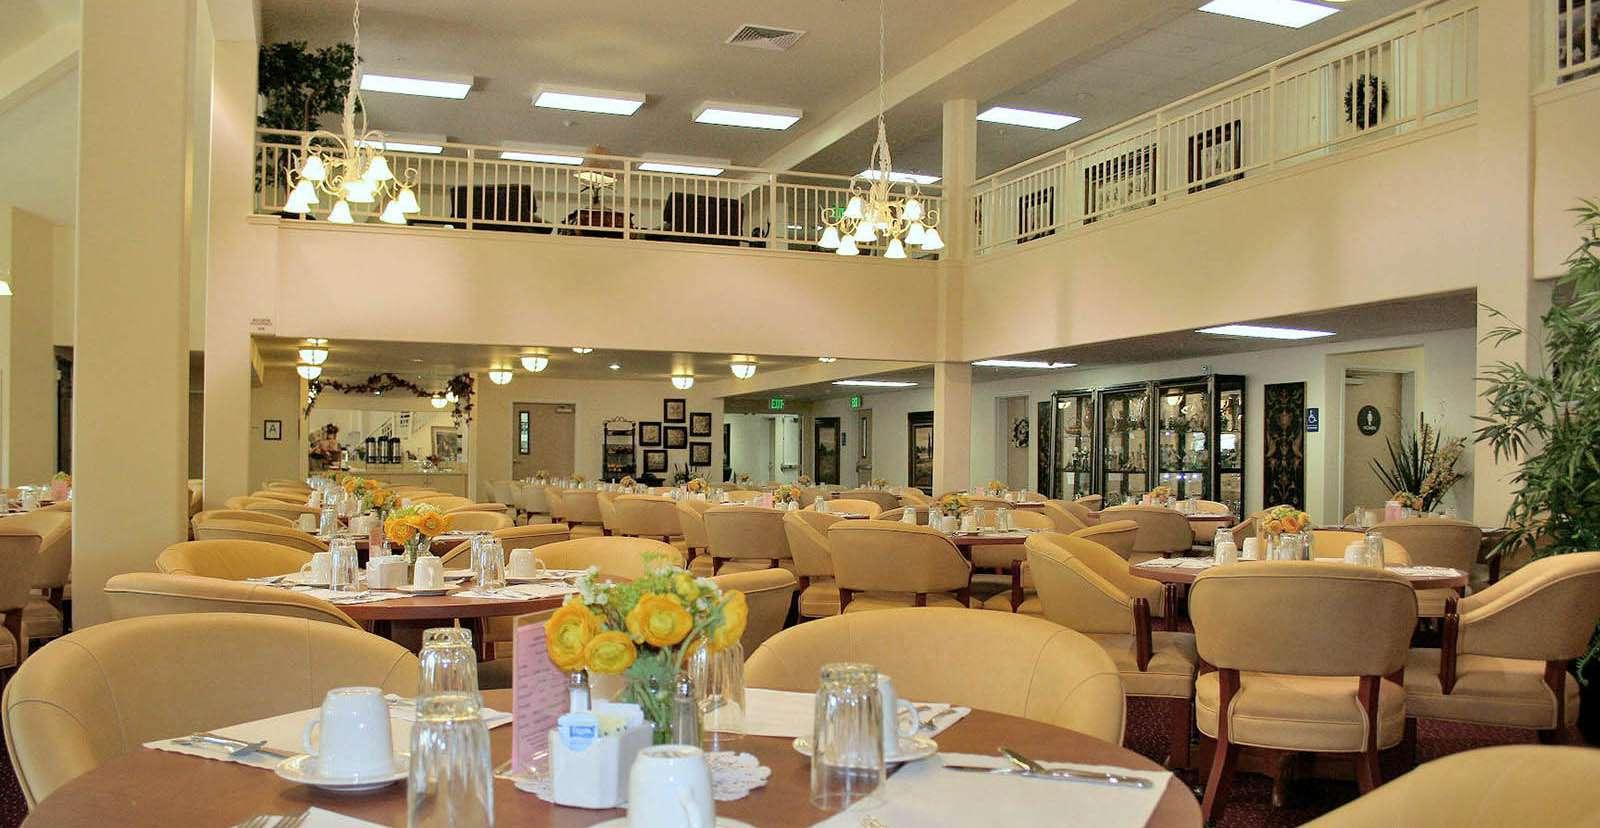 Rancho Village image 3